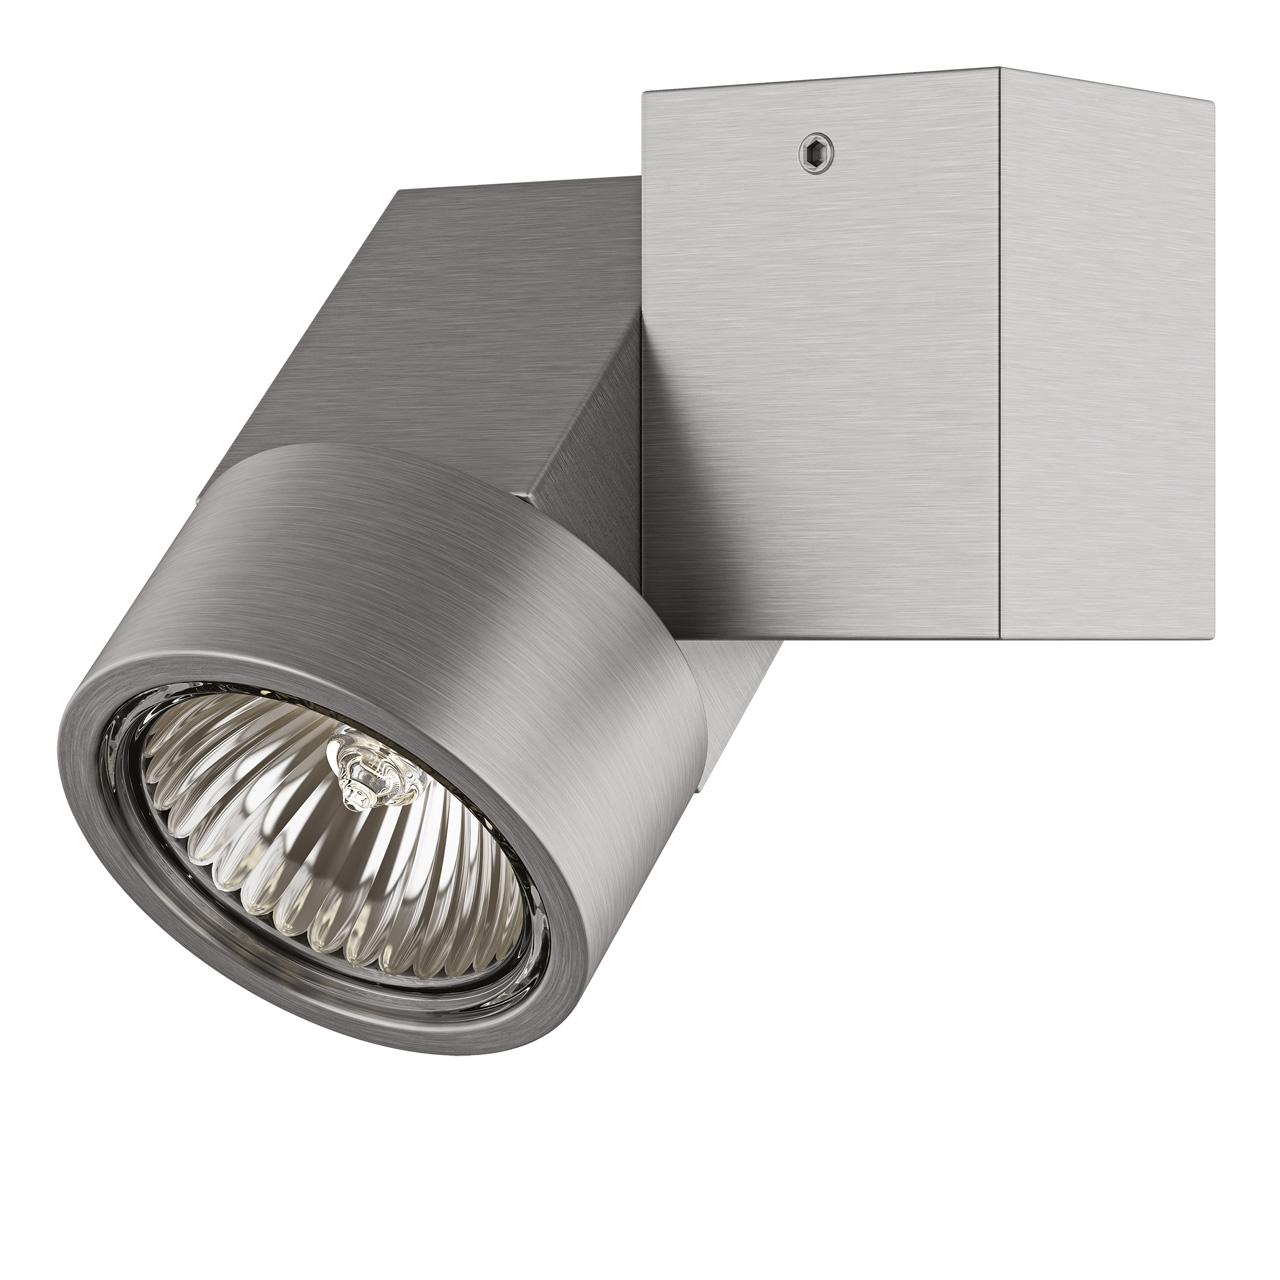 Накладной светильник Lightstar, GU10, 50 Вт потолочный светильник накладной argenta 4848